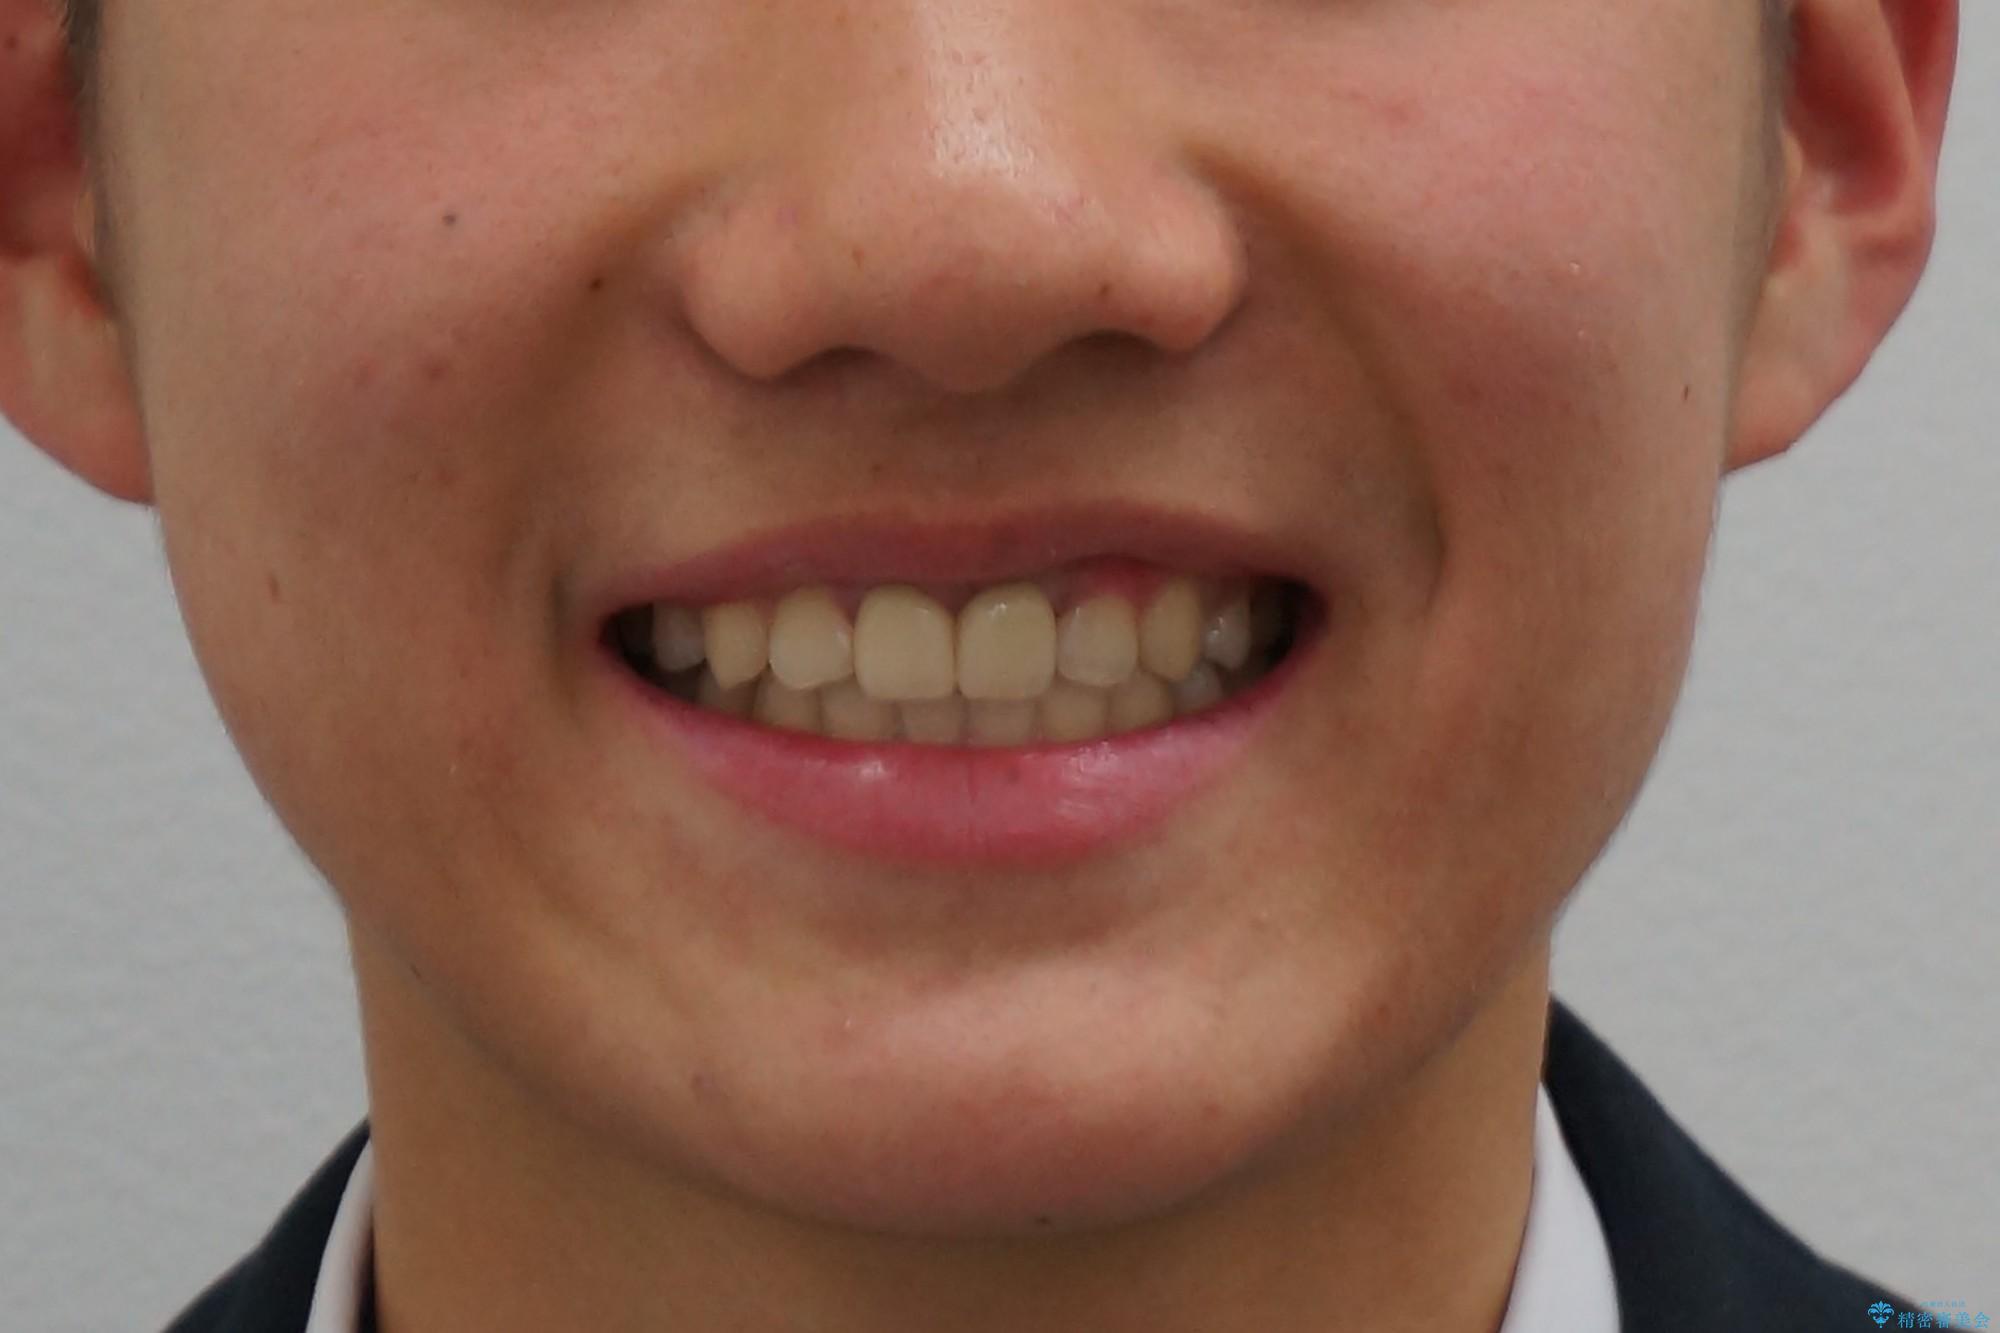 小さいころに前歯を折った がたがたの矯正+変色した前歯をセラミックにの治療後(顔貌)